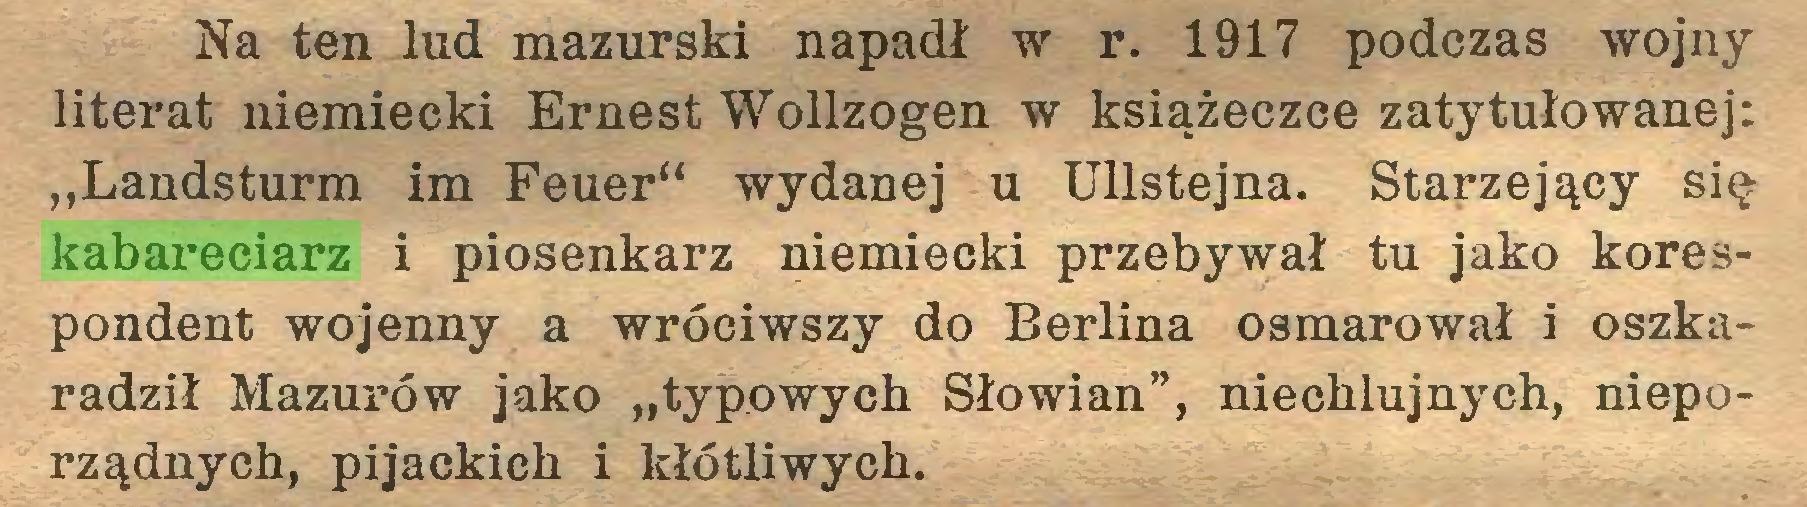 """(...) Na ten lud mazurski napadł w r. 1917 podczas wojny literat niemiecki Ernest Wollzogen w książeczce zatytułowanej: """"Landsturm im Feuer"""" wydanej u Ullstejna. Starzejący się kabareciarz i piosenkarz niemiecki przebywał tu jako korespondent wojenny a wróciwszy do Berlina osmarował i oszkaradził Mazurów jako """"typowych Słowian"""", niechlujnych, nieporządnych, pijackich i kłótliwych..."""